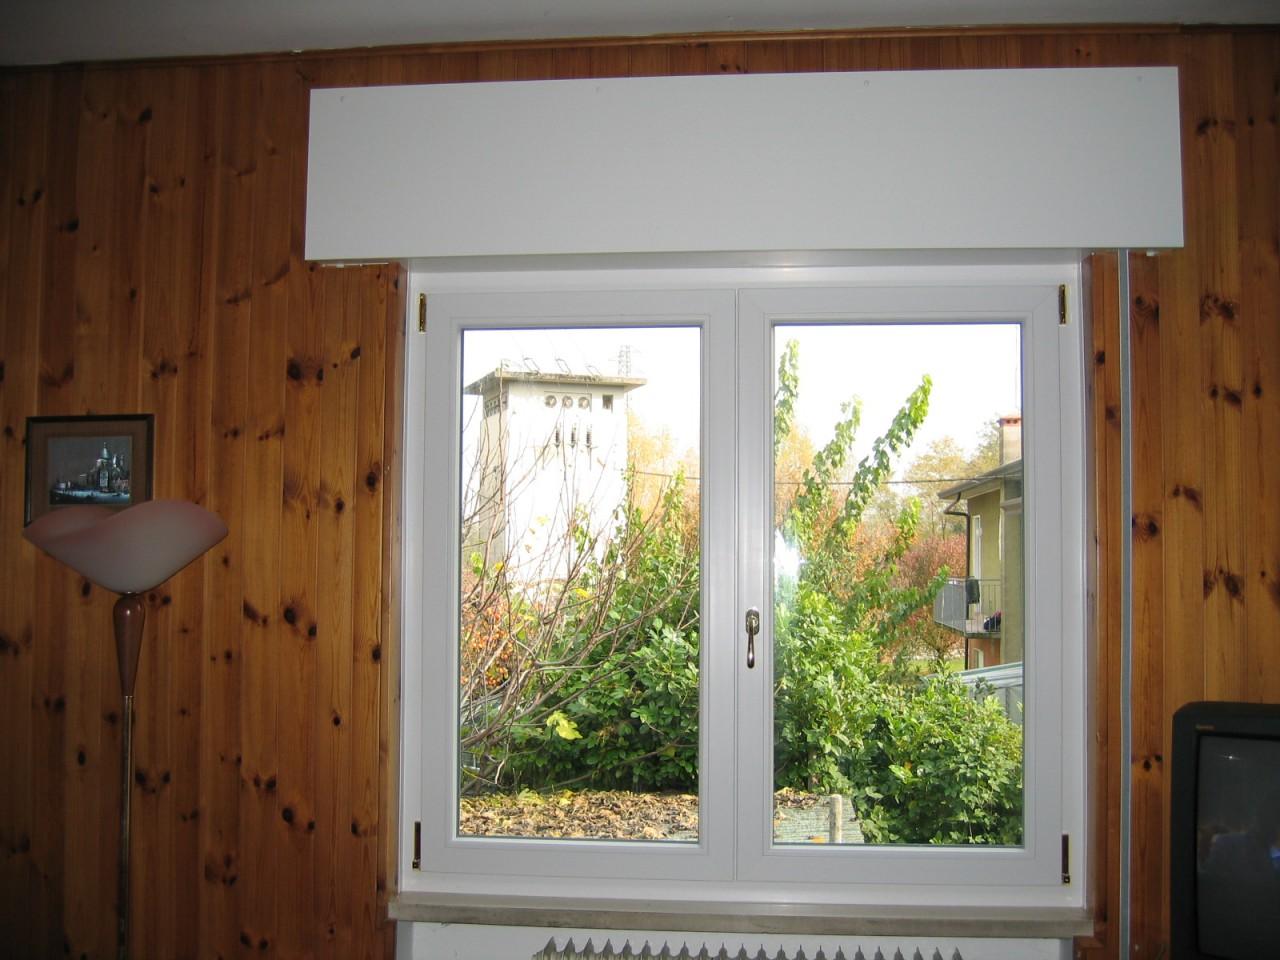 Serramenti in pvc con cassonetti in laminato infix - Tende finestre pvc ...